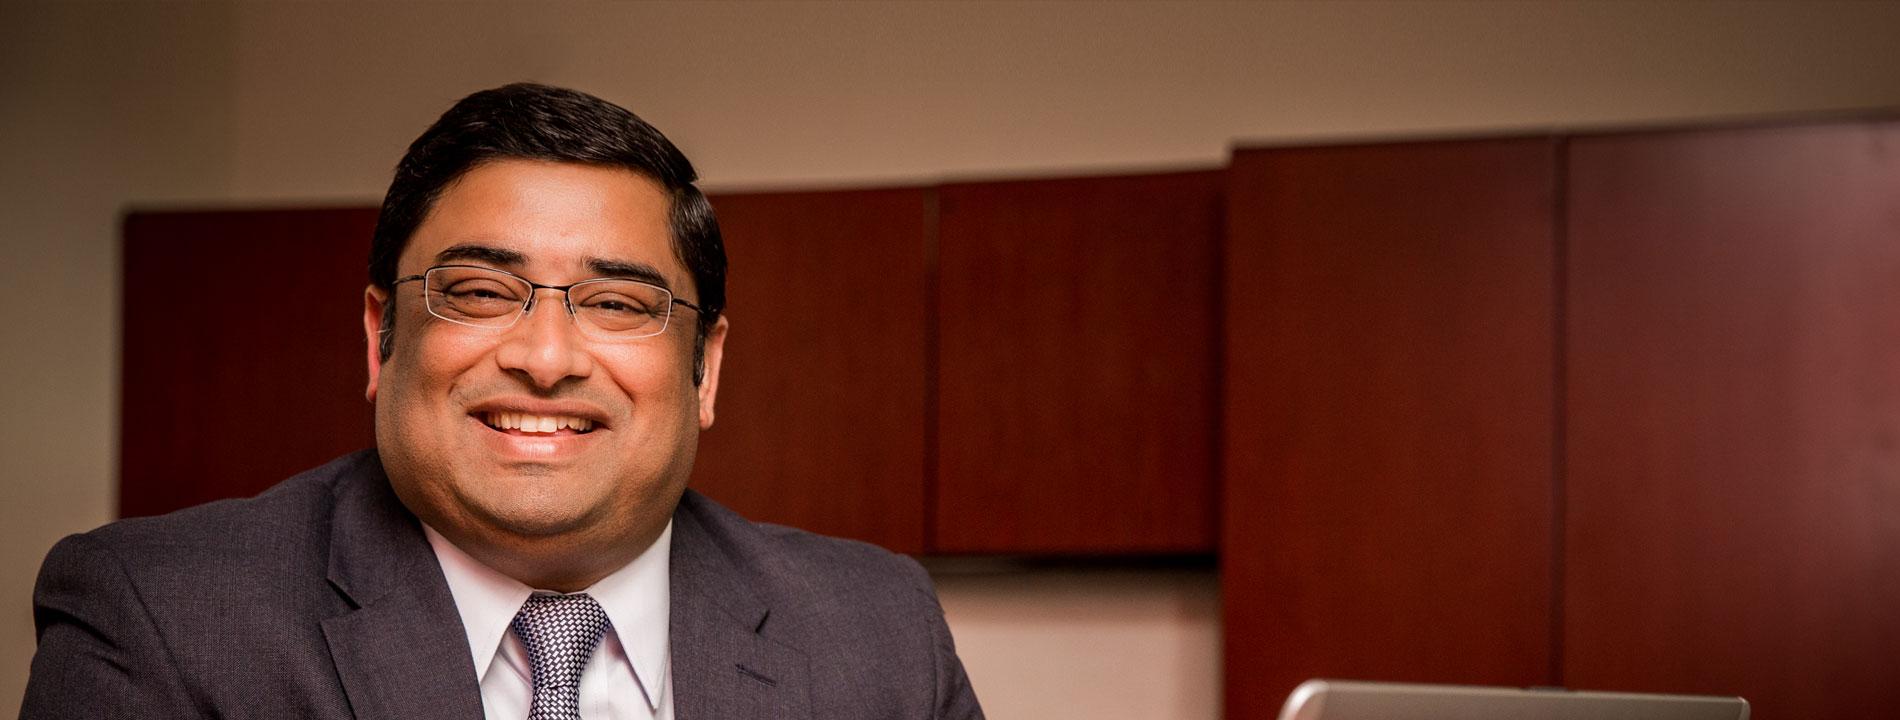 Kalpesh S. Trivedi, CCM